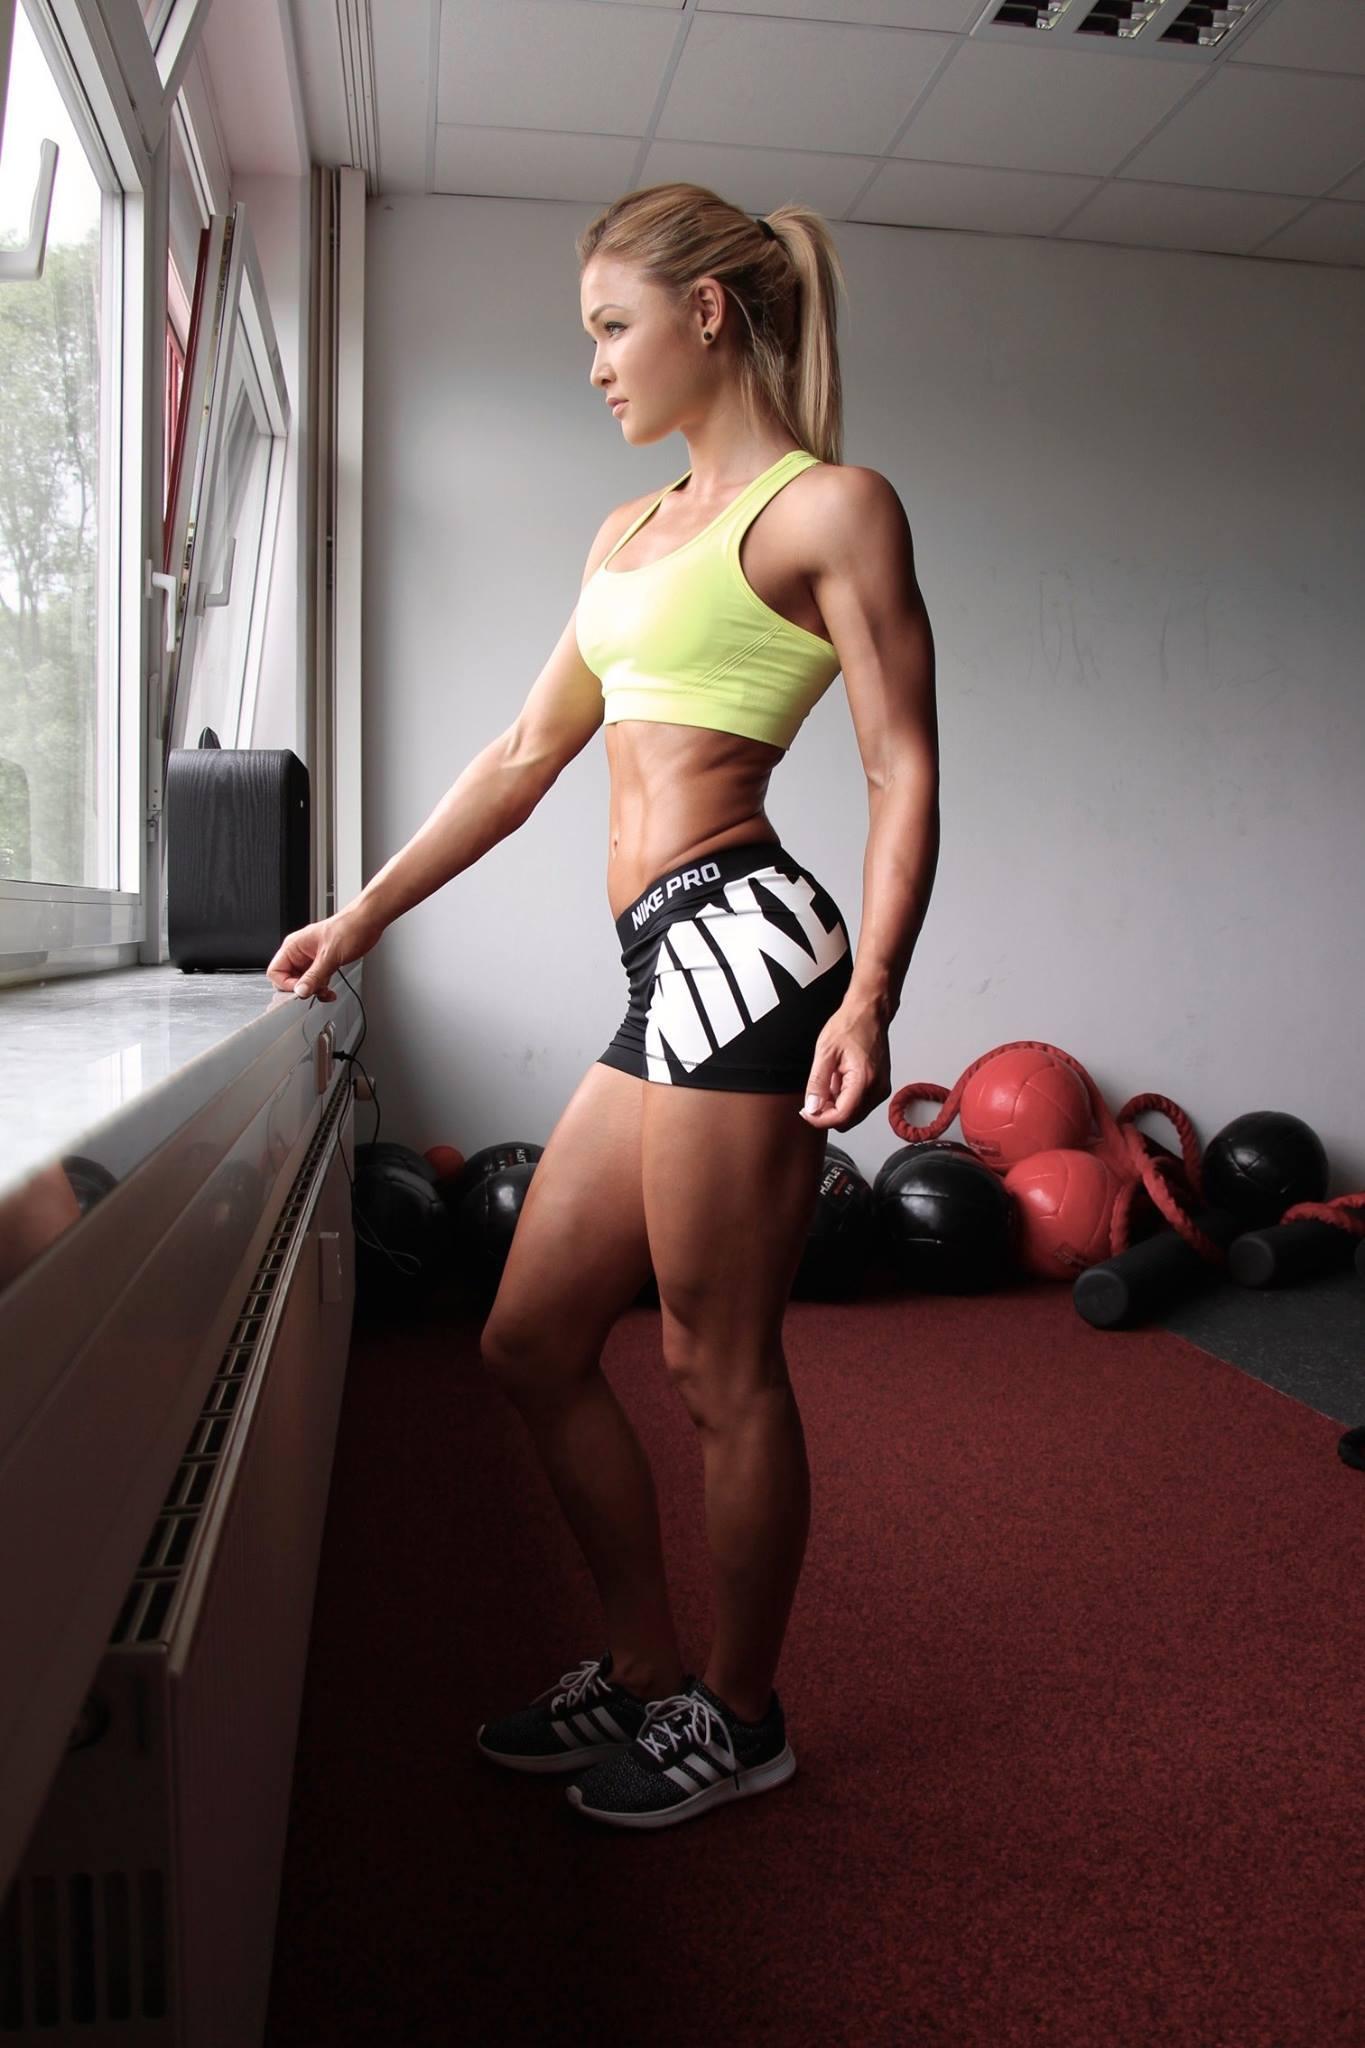 muscular women porn video